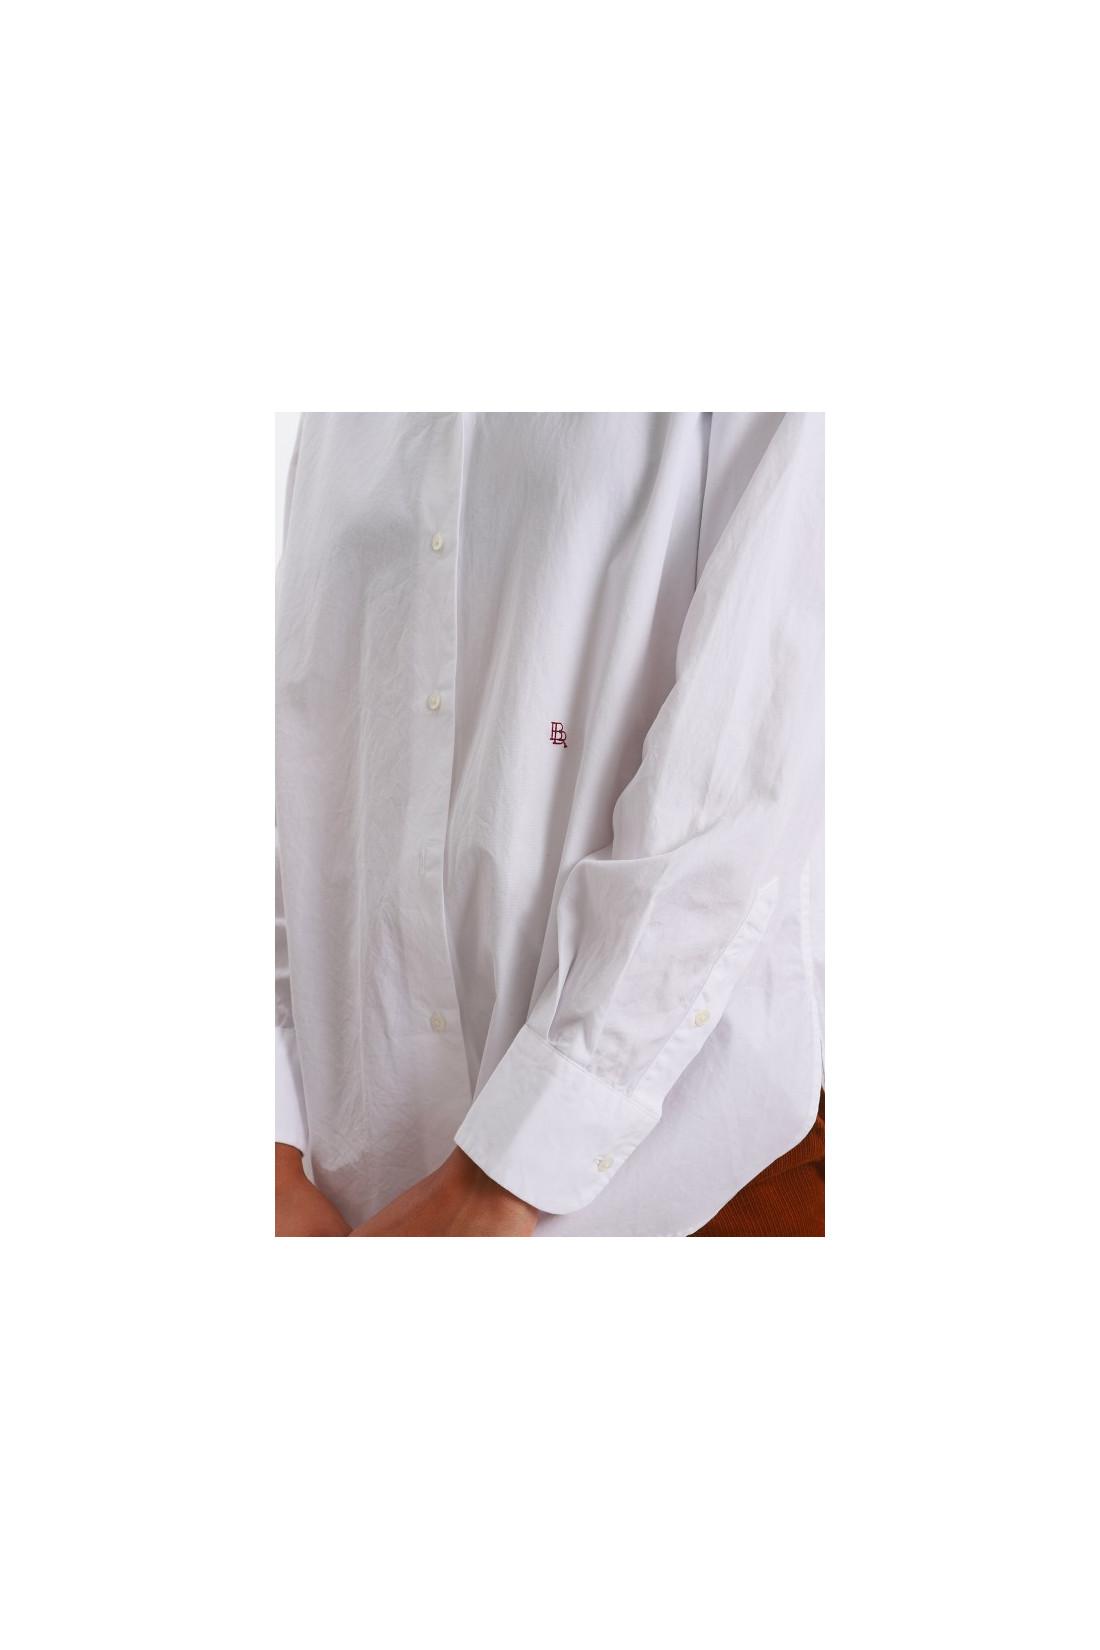 BELLEROSE FOR WOMAN / Chemise gastoo White